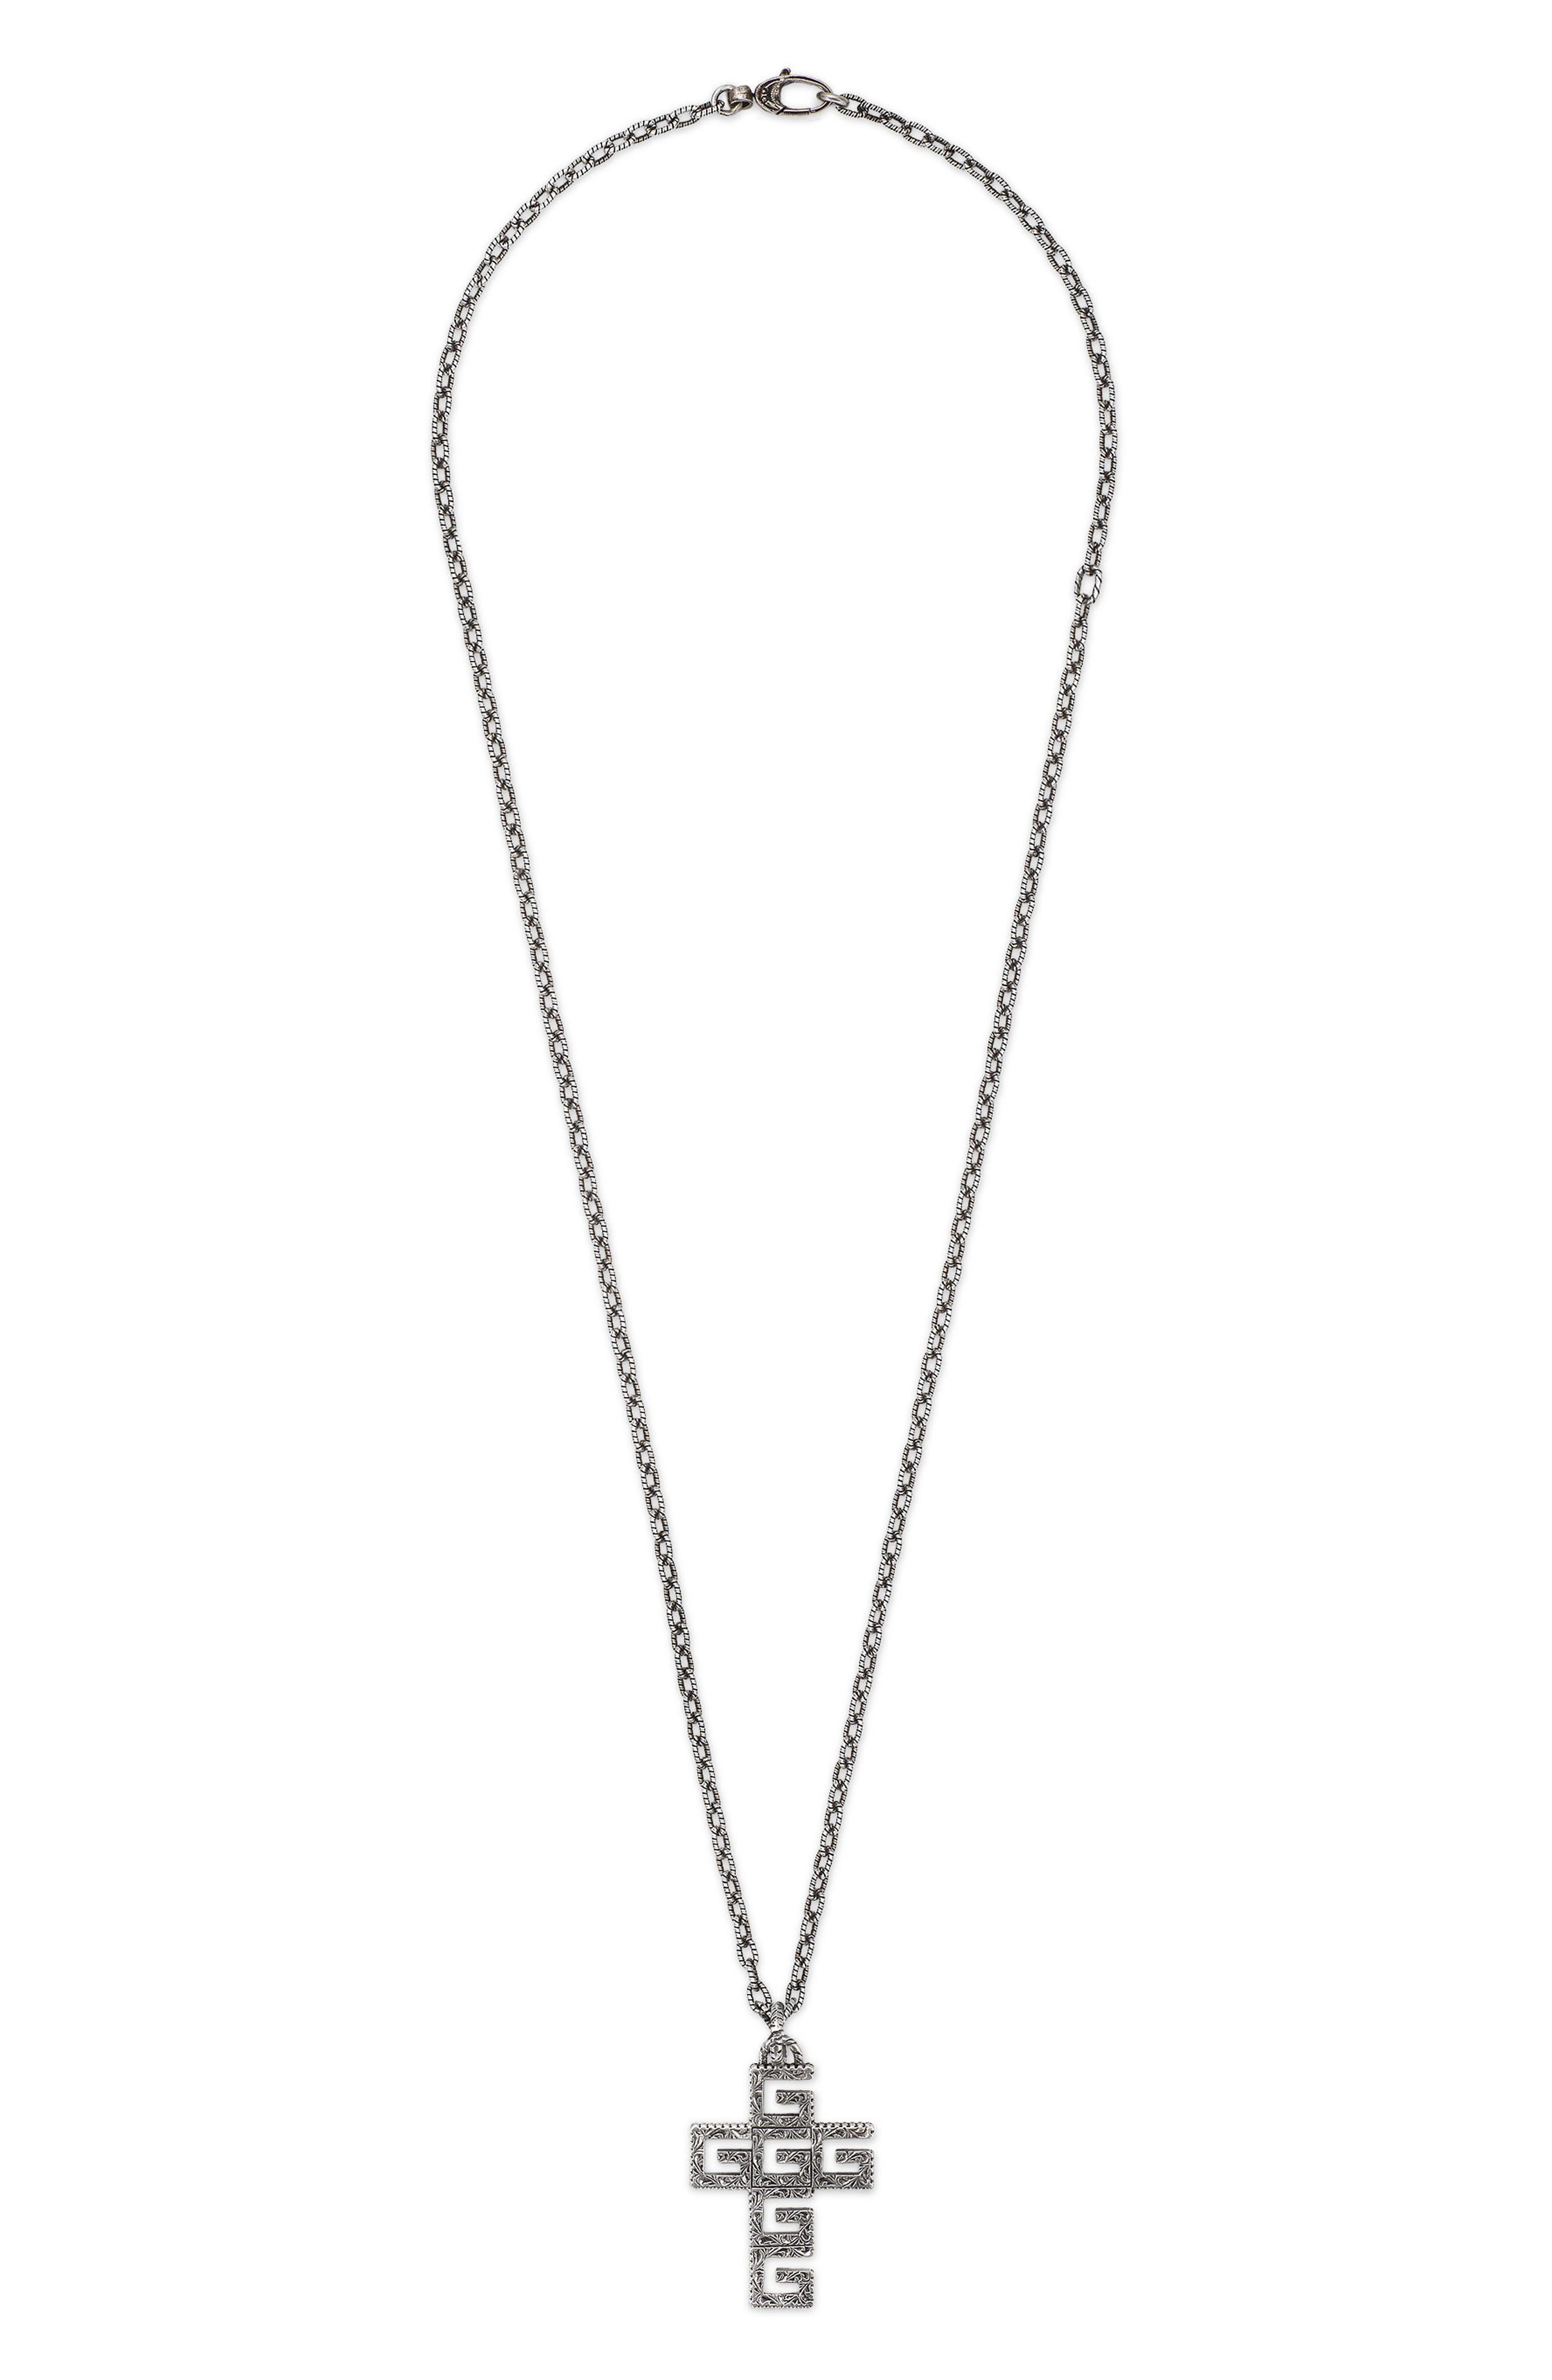 G-Cube Cross Pendant Necklace,                             Main thumbnail 1, color,                             040